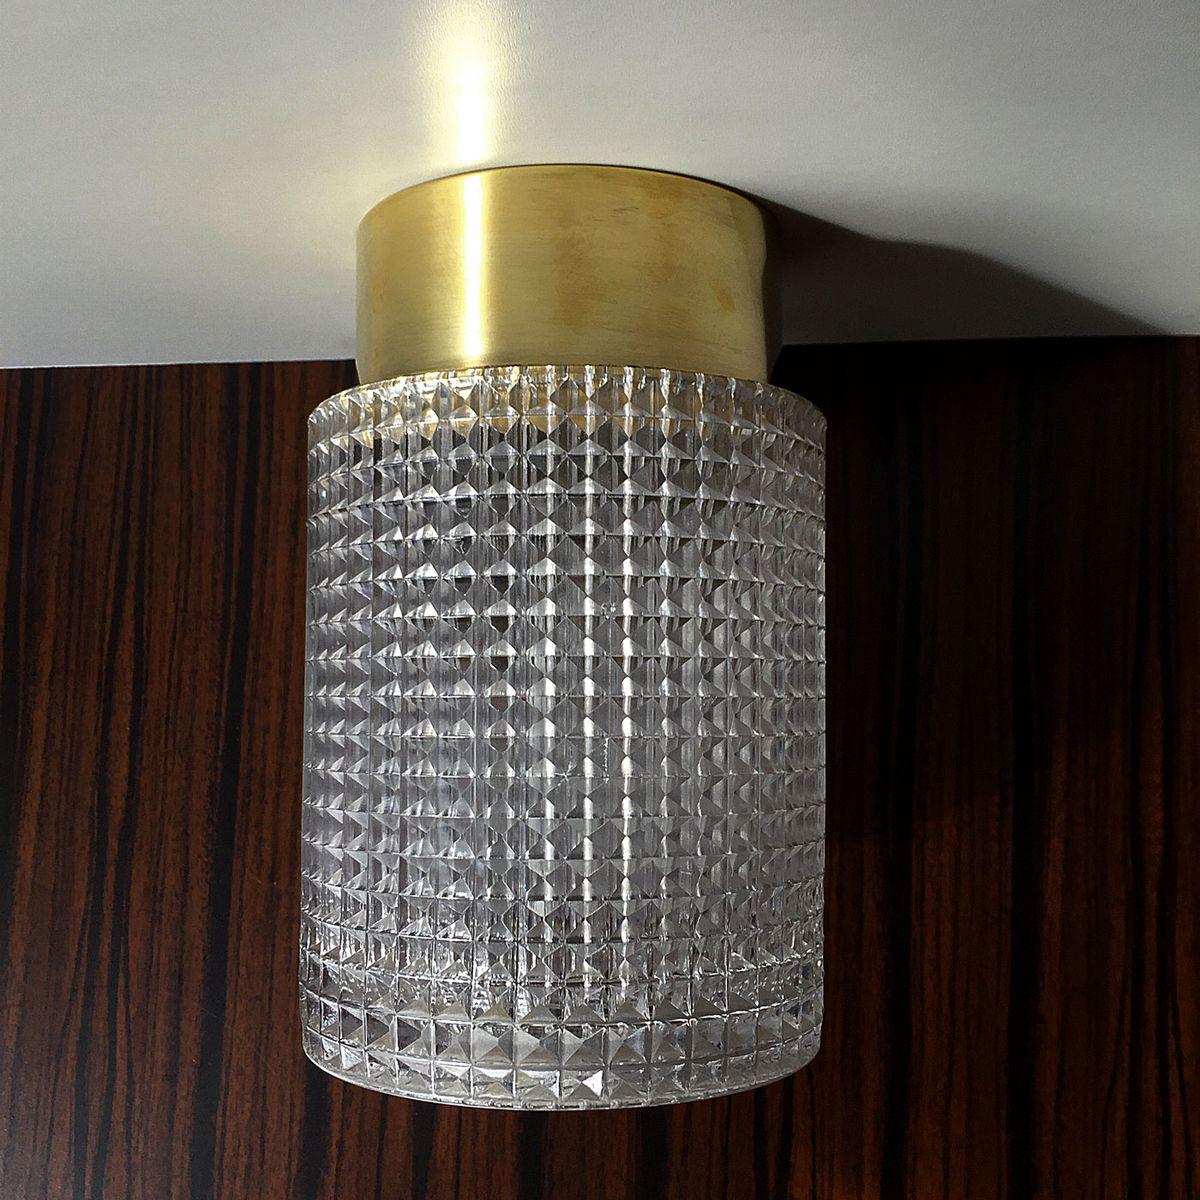 Full Size of Skandinavische Deckenlampe Aus Kristall Messing Von Carl Küche Deckenlampen Für Wohnzimmer Schlafzimmer Esstisch Skandinavisch Bett Bad Modern Wohnzimmer Deckenlampe Skandinavisch